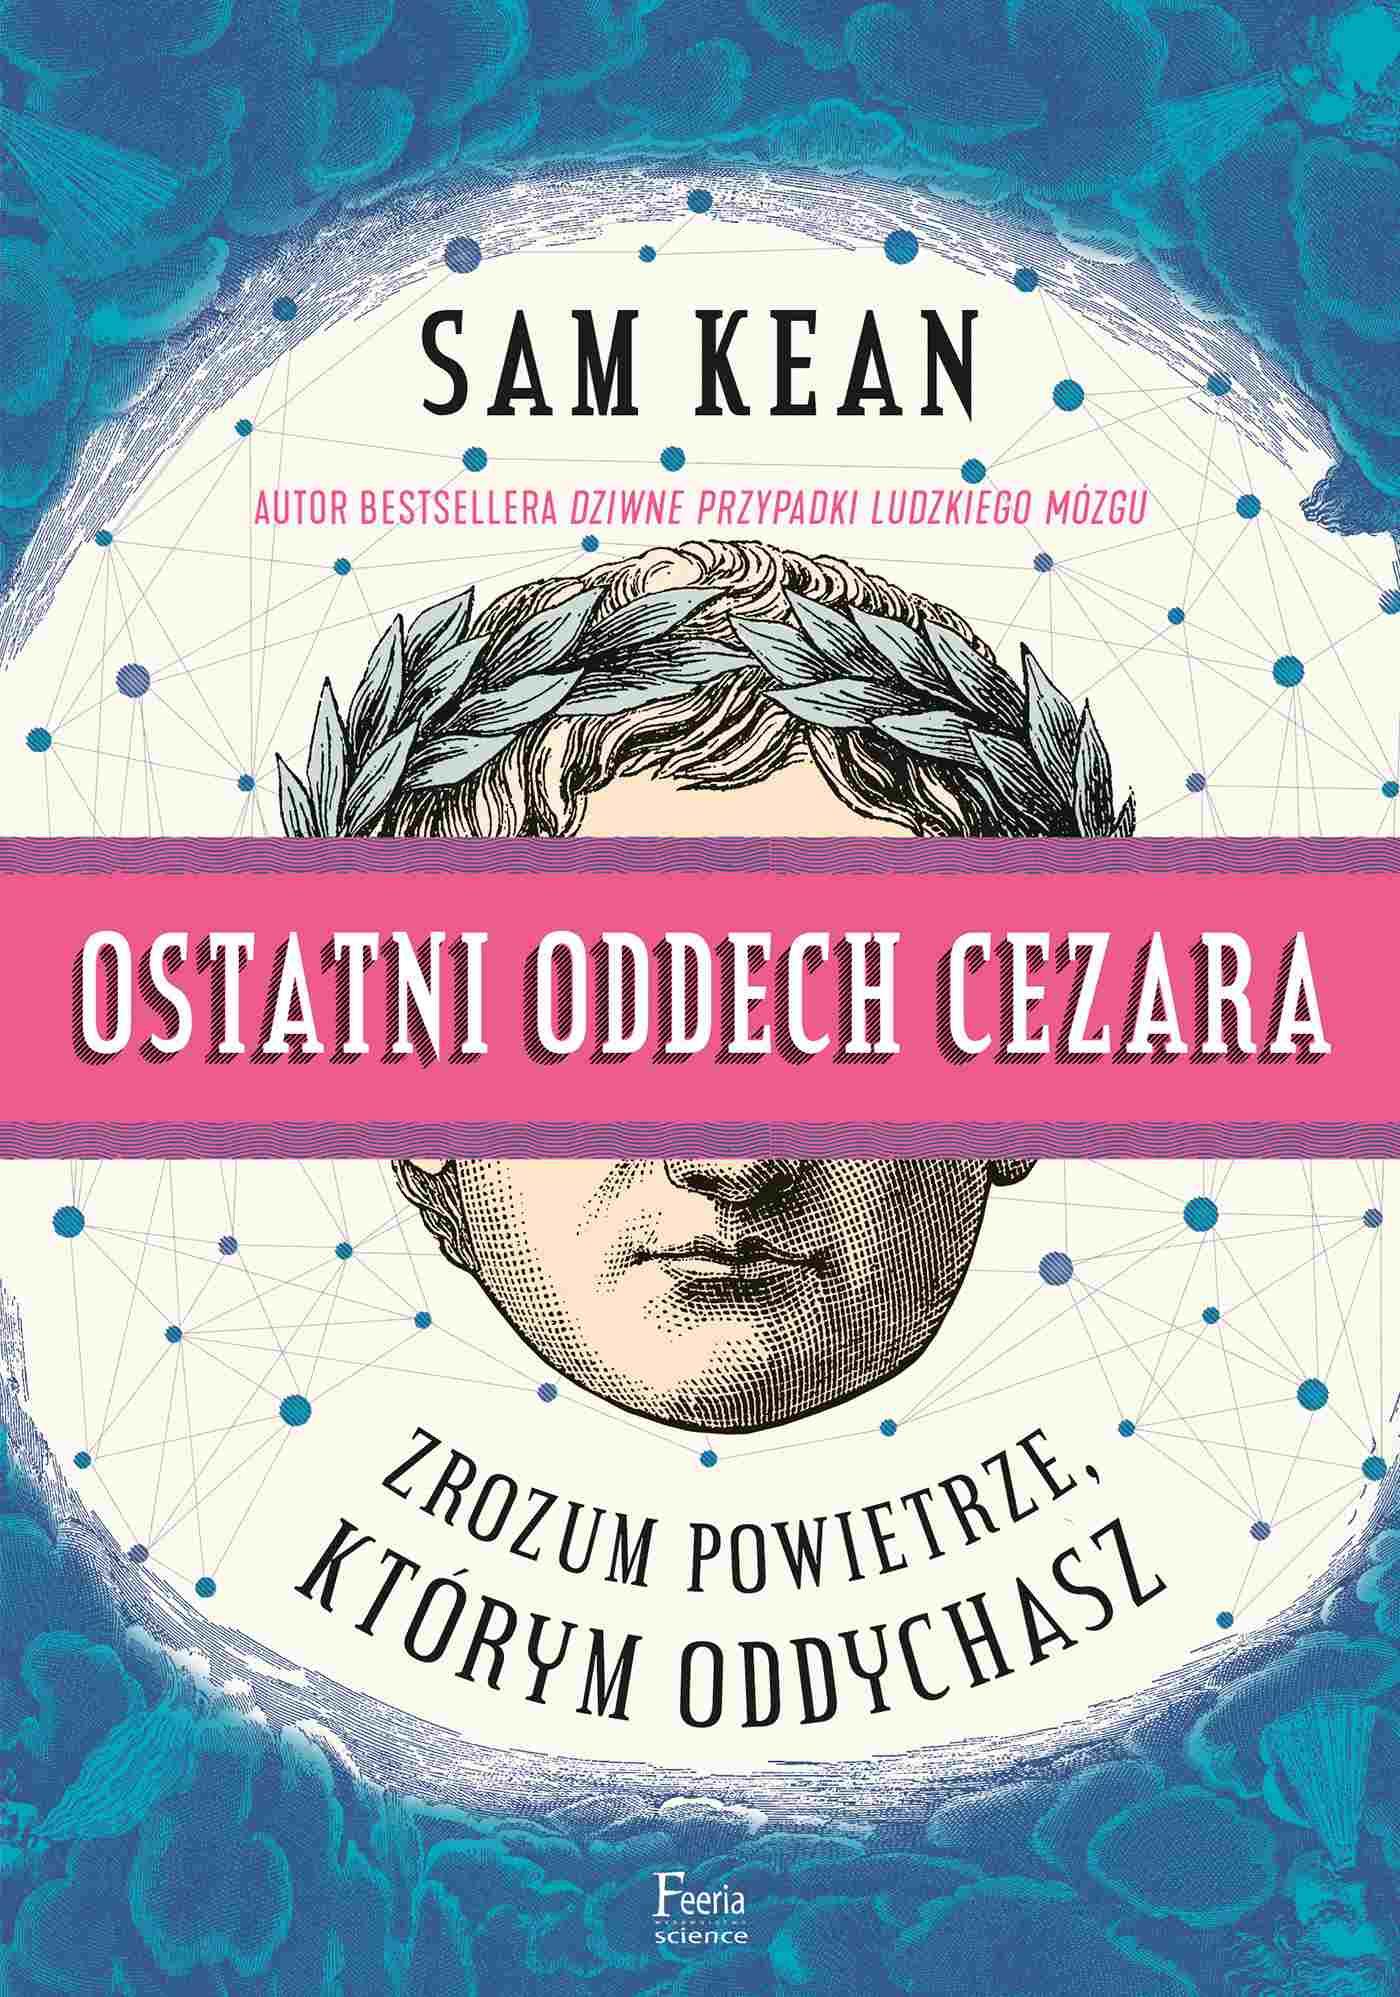 Ostatni oddech Cezara. Zrozum powietrze, którym oddychasz - Ebook (Książka EPUB) do pobrania w formacie EPUB